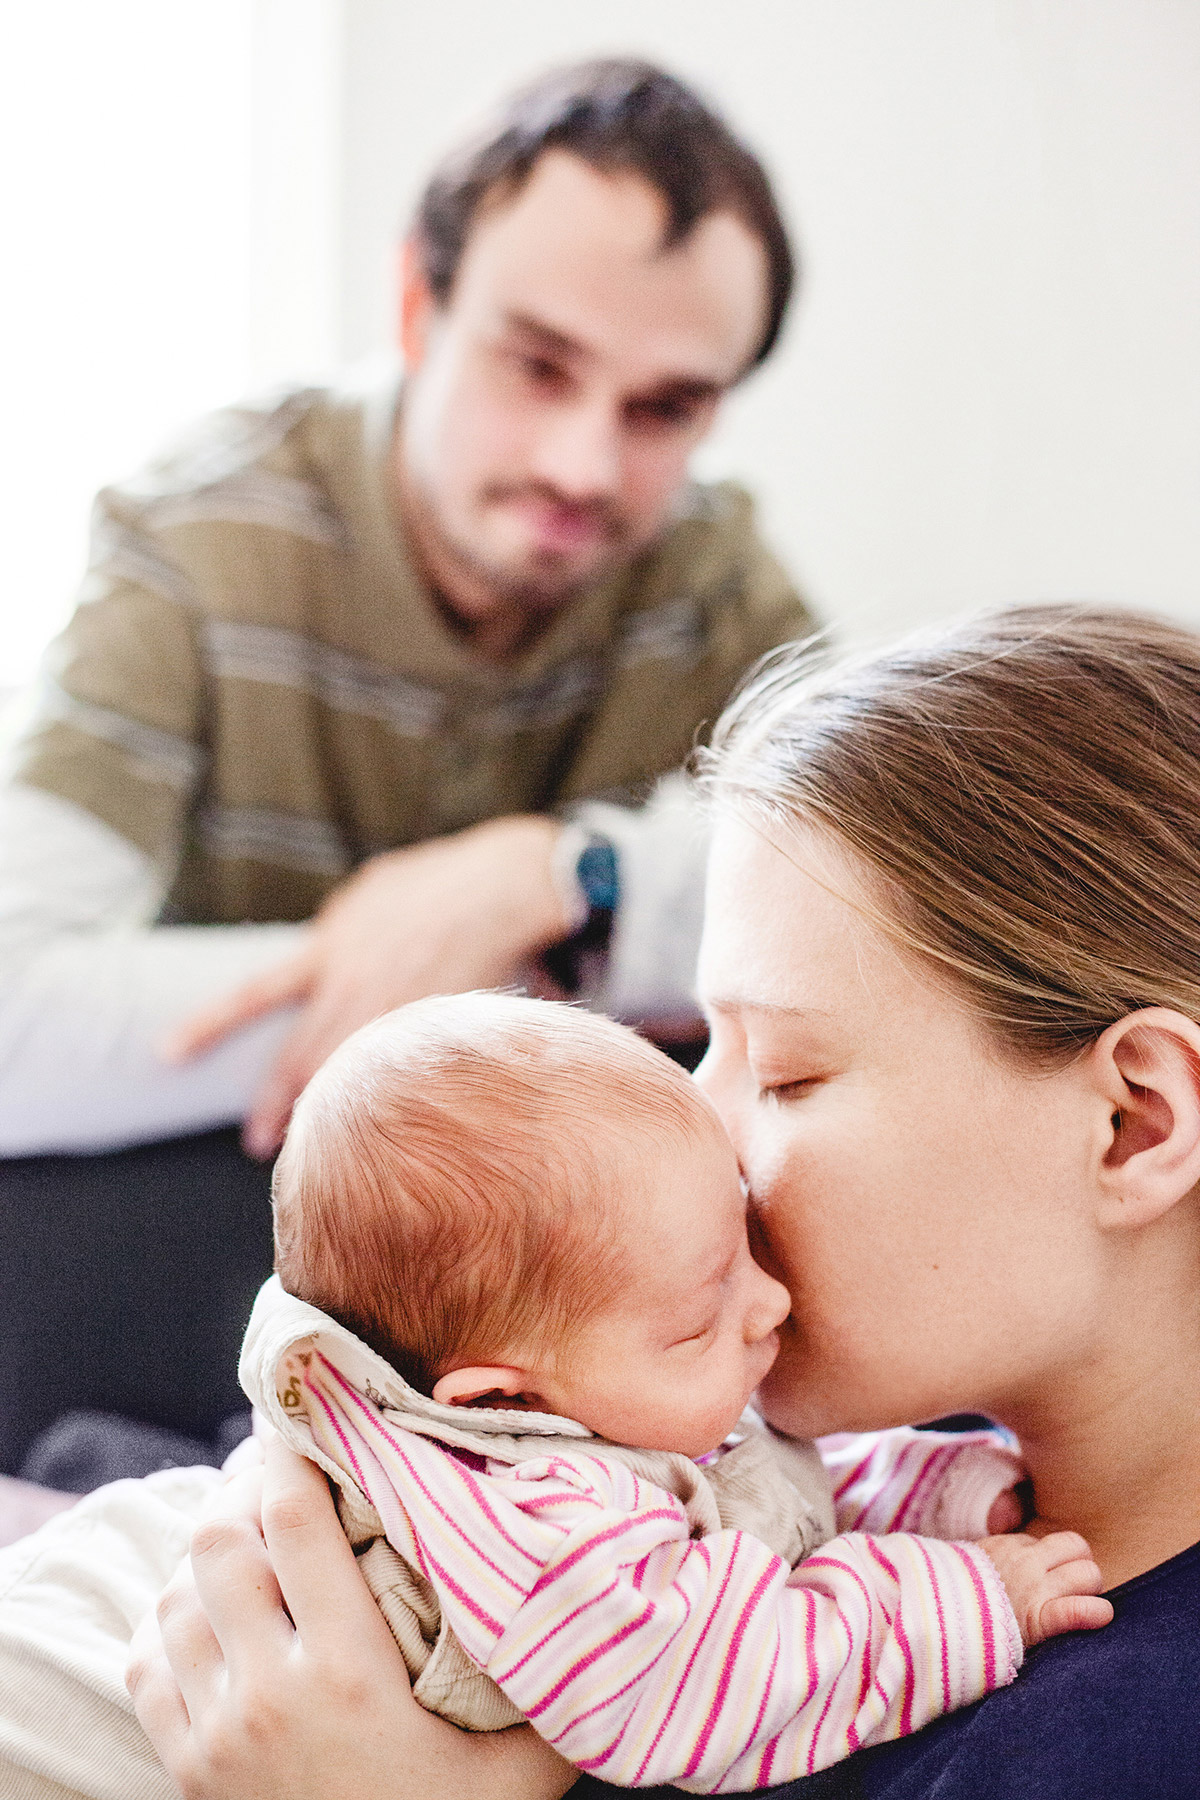 Mama küsst ihr Baby sanft auf die Wange. Papa beobachtet beide im Hintergrund.